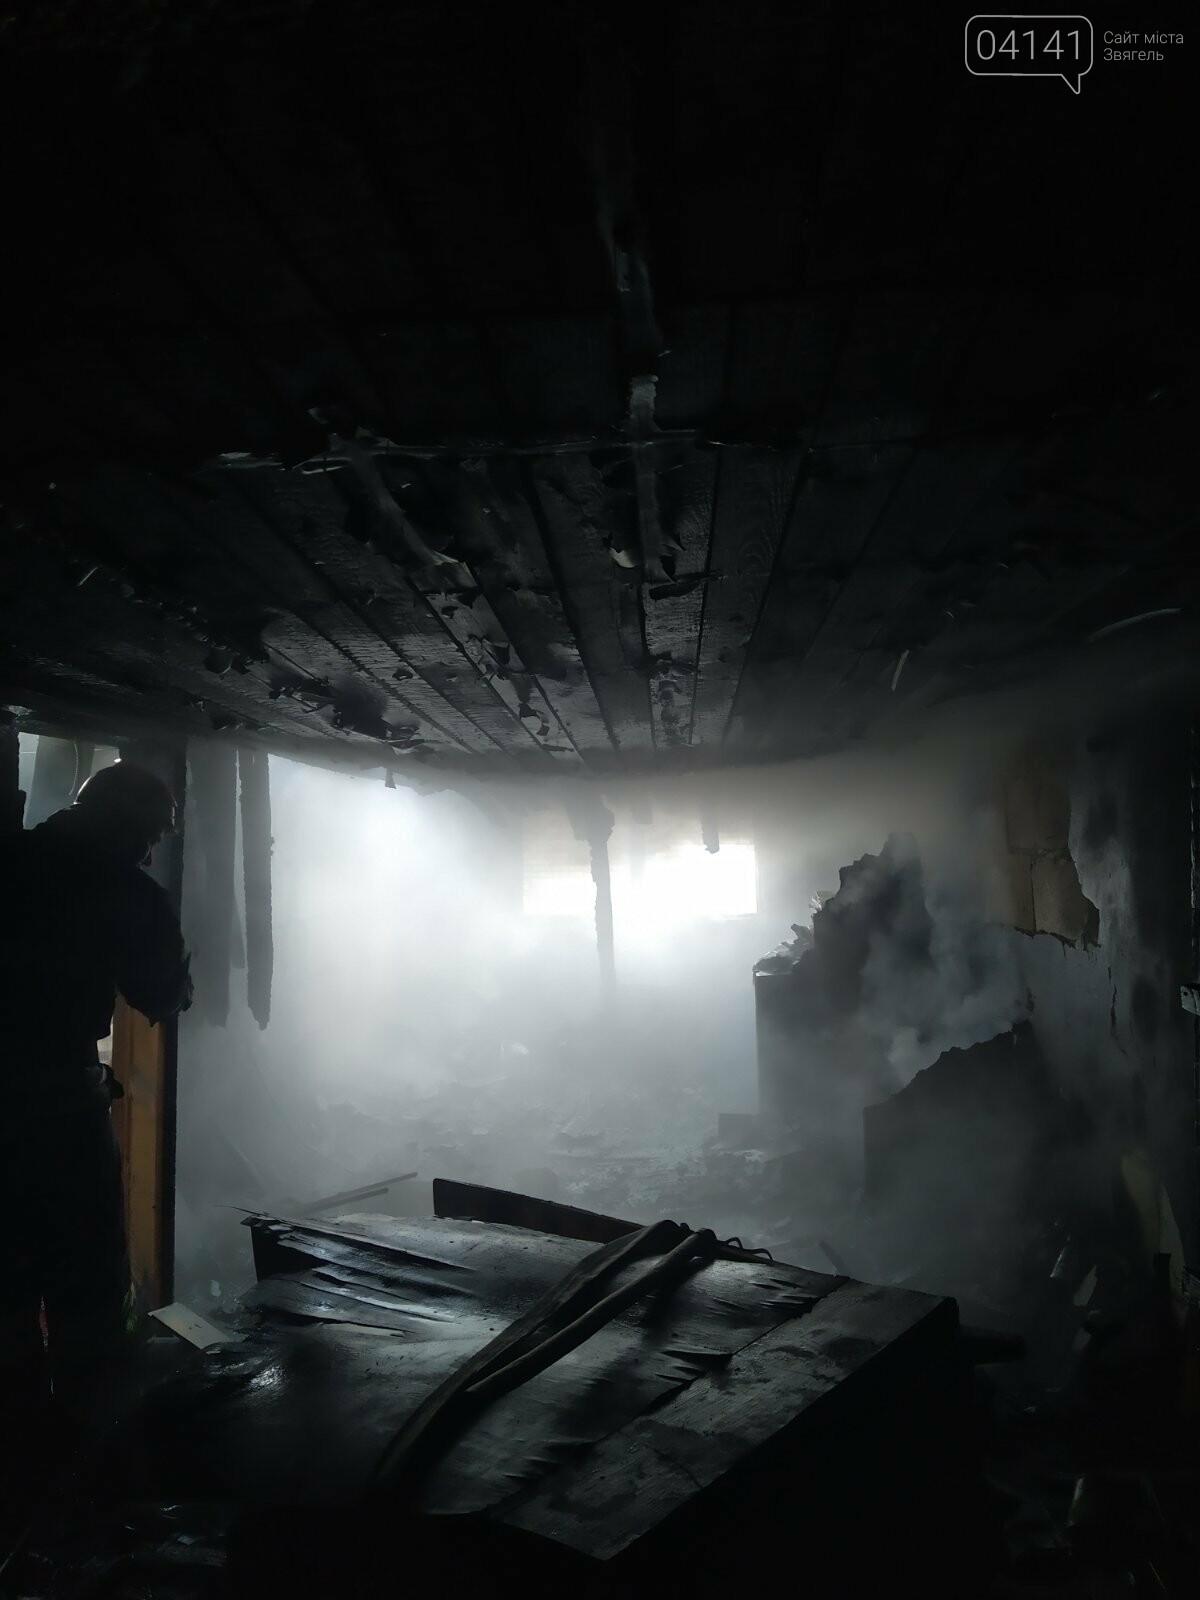 Сьогодні в Новограді горів двоповерховий будинок: Евакуювали 8 людей, фото-1